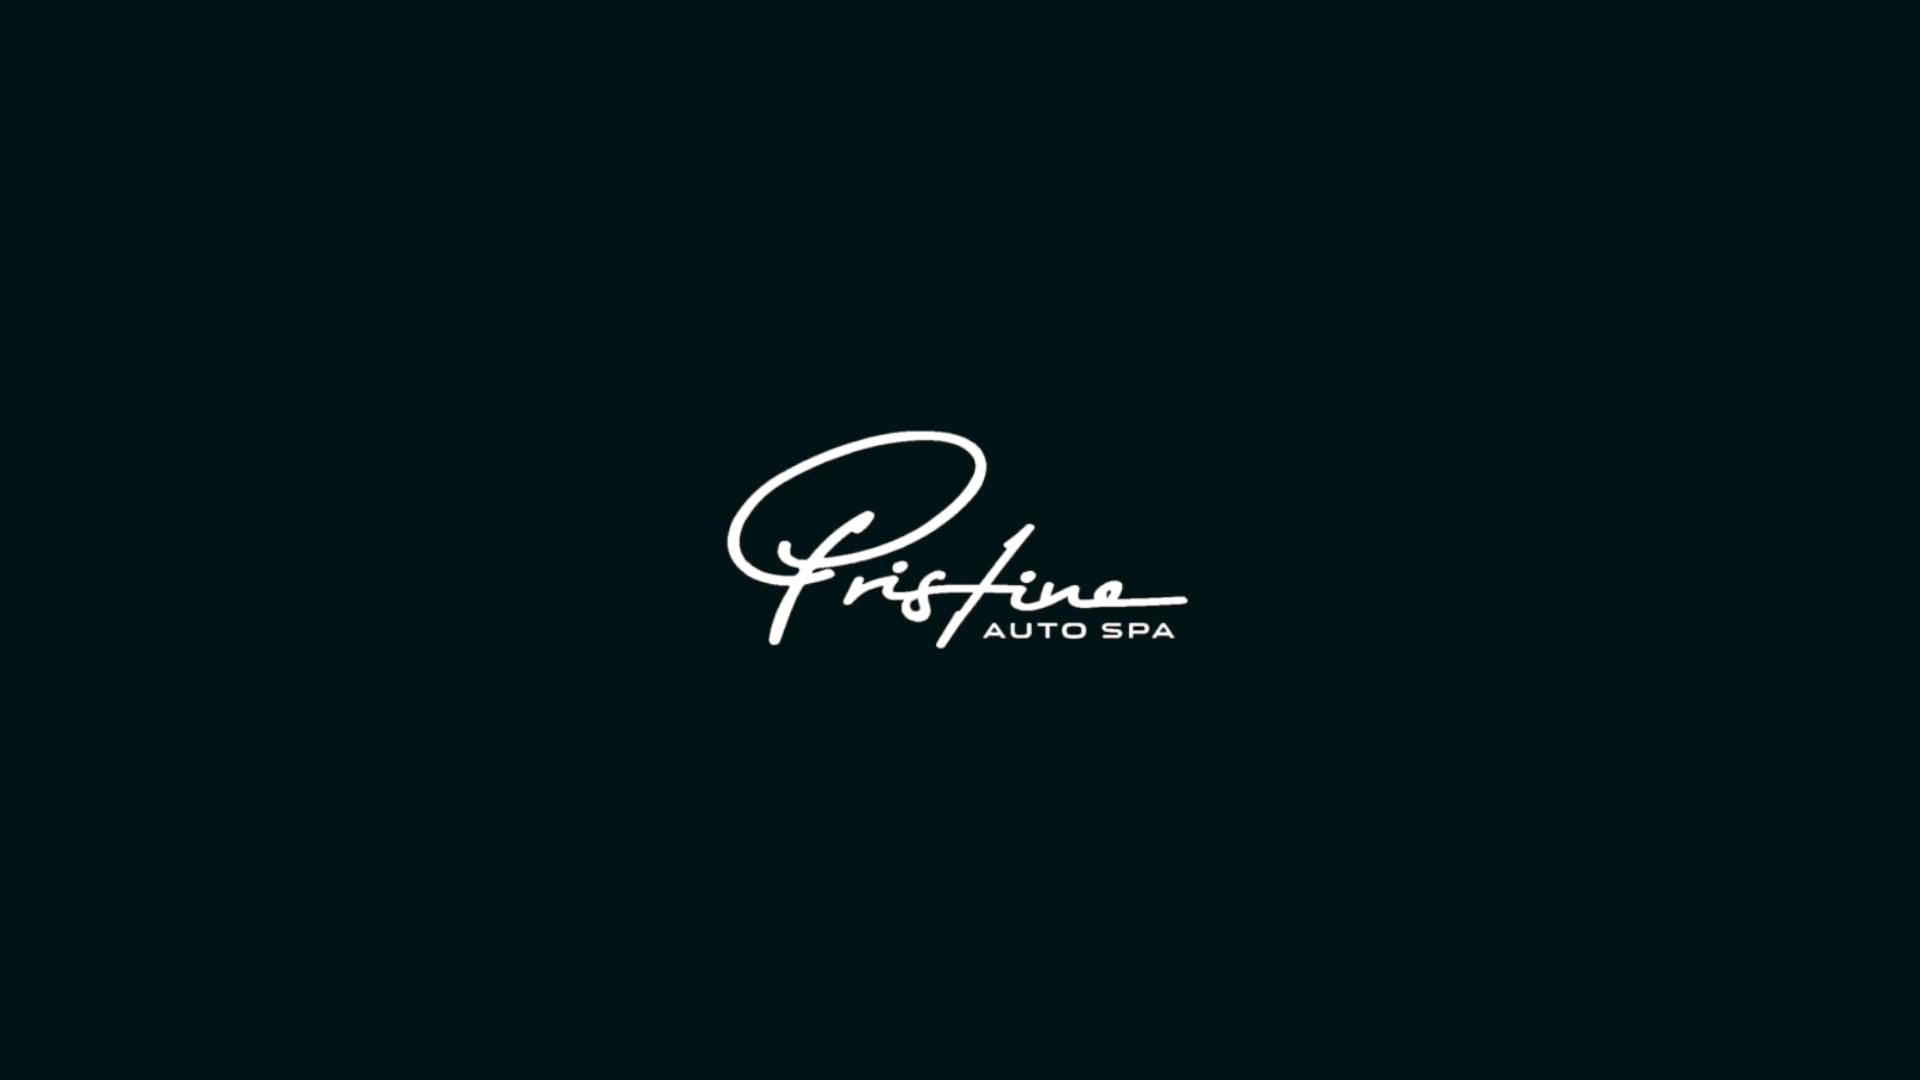 Pristine Auto Spa | About Us